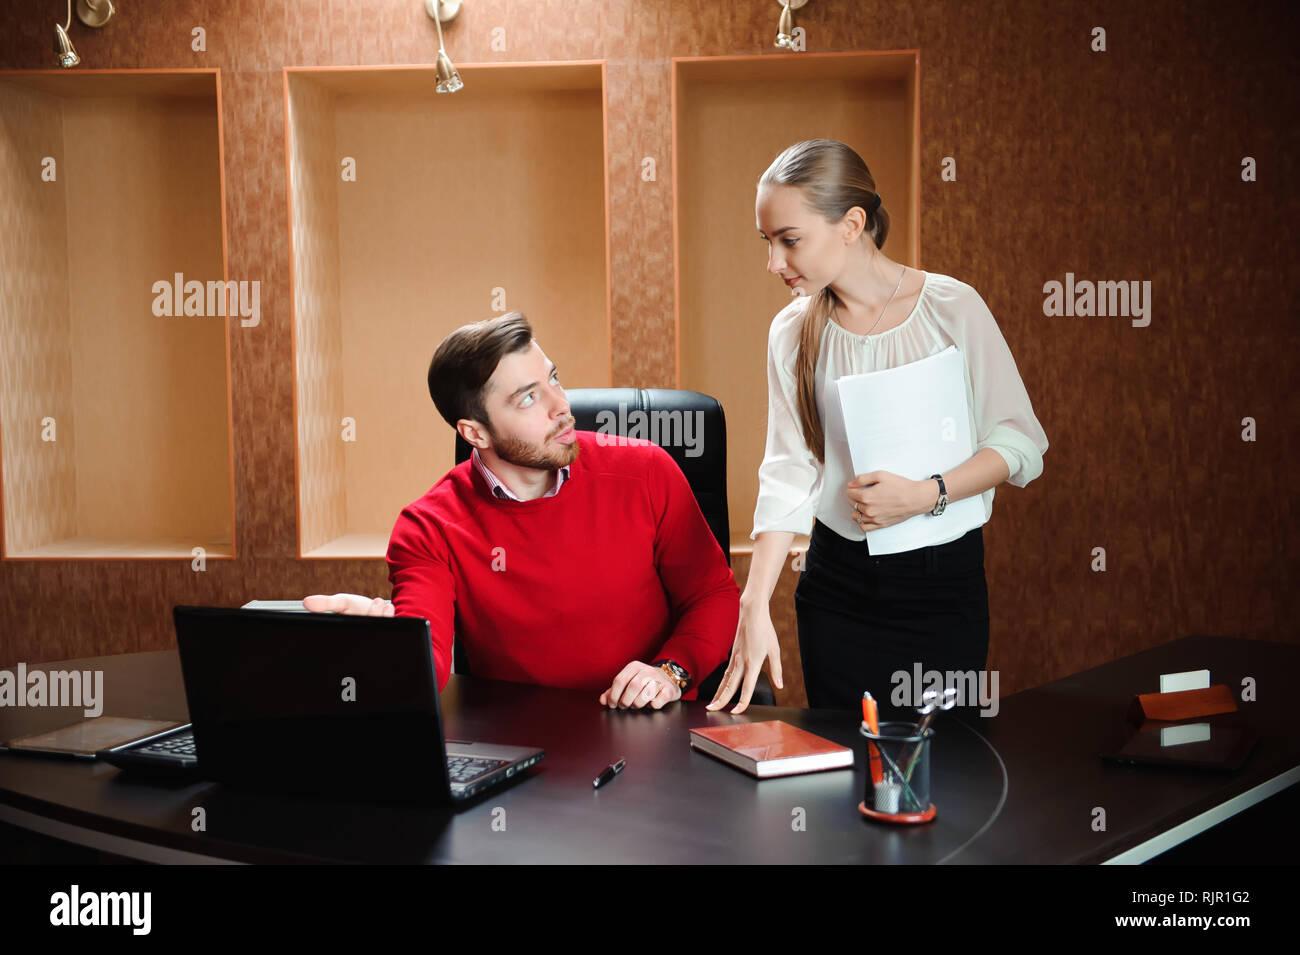 Zuversichtlich Boss mit Papier erklärt etwas zu Sekretär in t Stockfoto